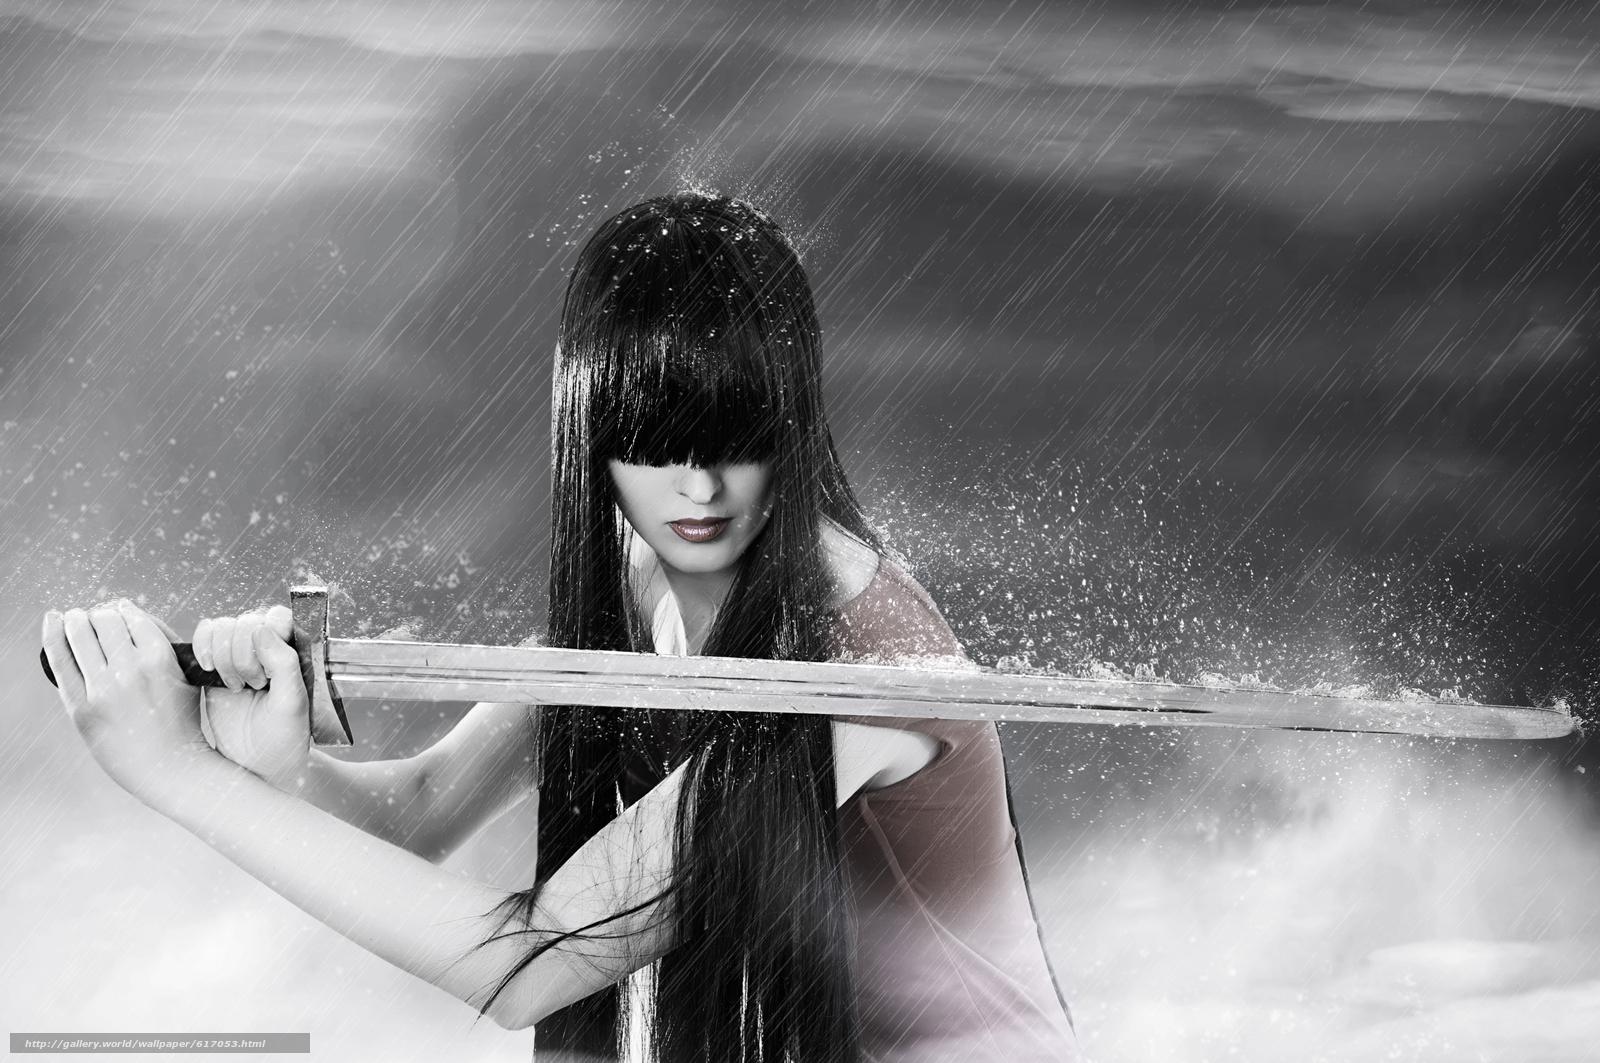 pobra tapety miecz,  deszcz,  dziewczyna,  brunetka Darmowe tapety na pulpit rozdzielczoci 8576x5696 — zdjcie №617053